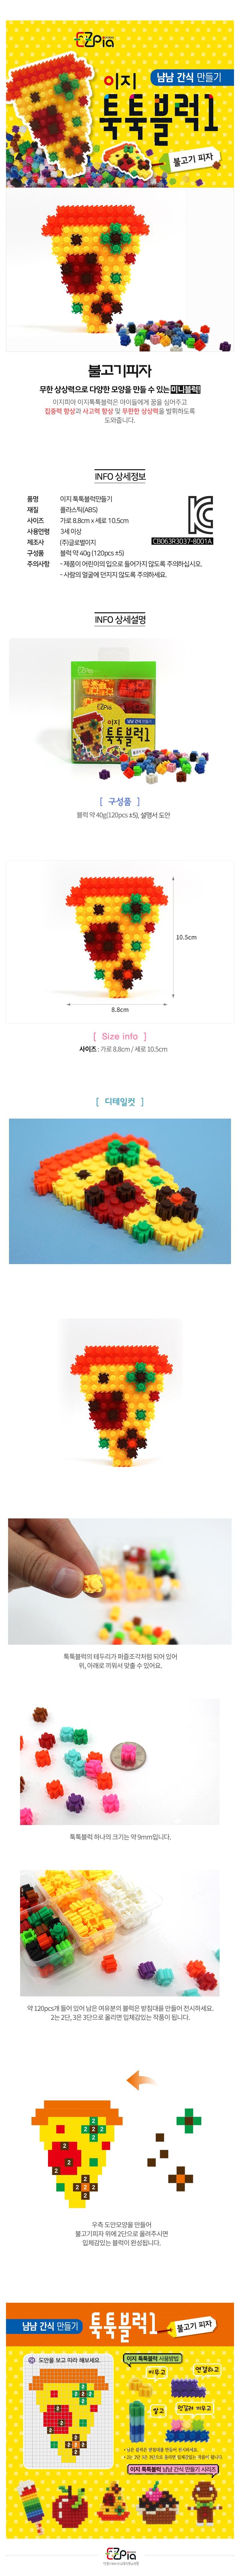 이지 툭툭블럭만들기 (불고기피자)1,770원-이지피아키덜트/취미, 블록/퍼즐, 레고/블록, 블록완구바보사랑이지 툭툭블럭만들기 (불고기피자)1,770원-이지피아키덜트/취미, 블록/퍼즐, 레고/블록, 블록완구바보사랑